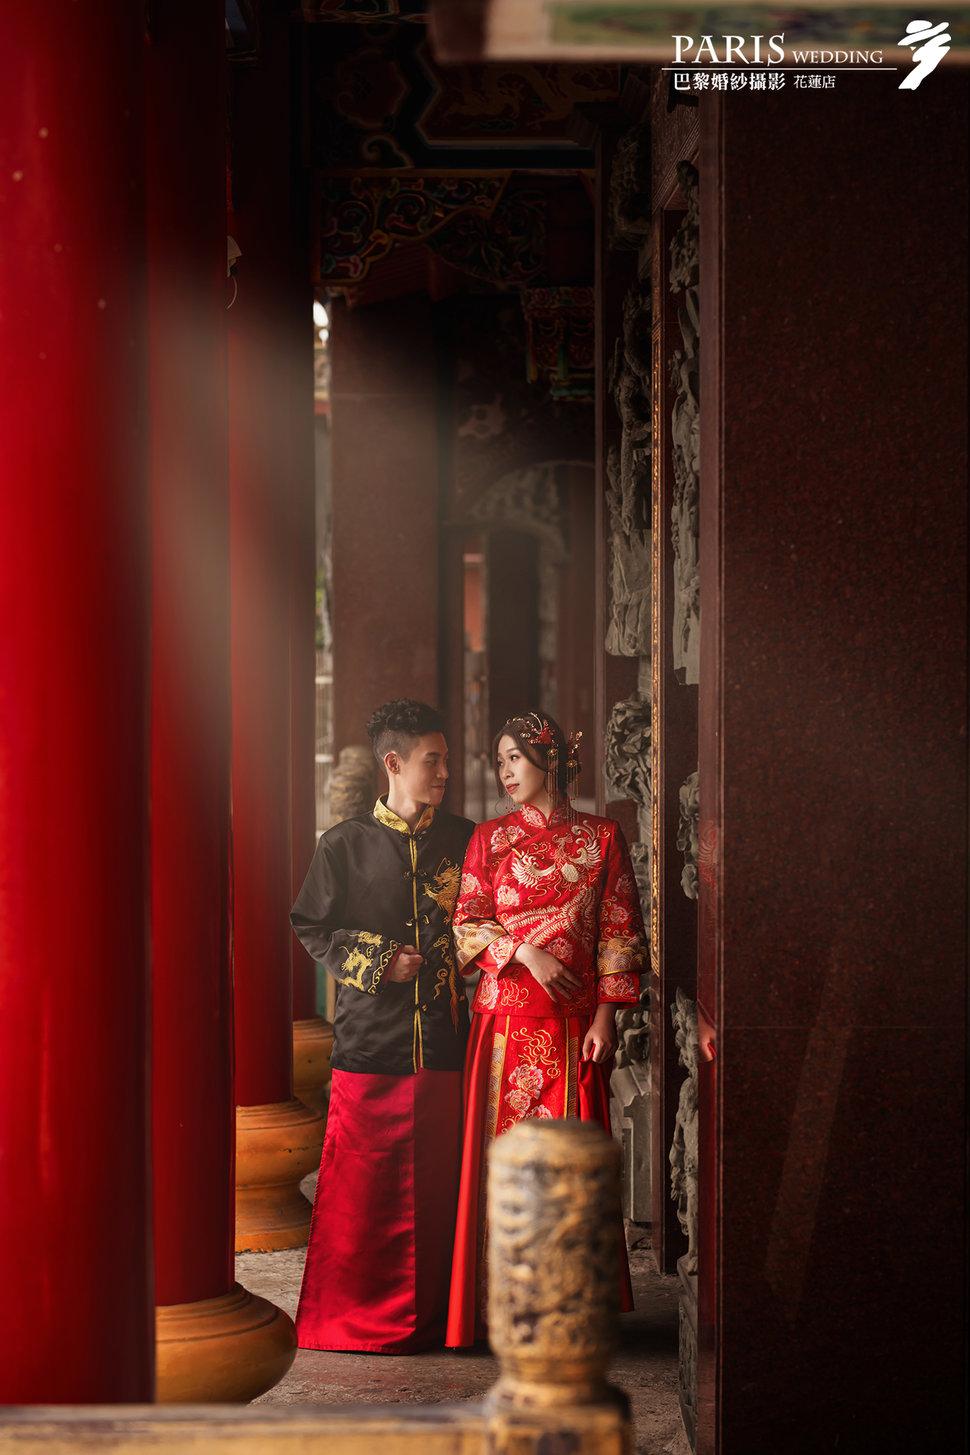 Xu161-1 拷貝 - 花蓮巴黎婚紗攝影《結婚吧》